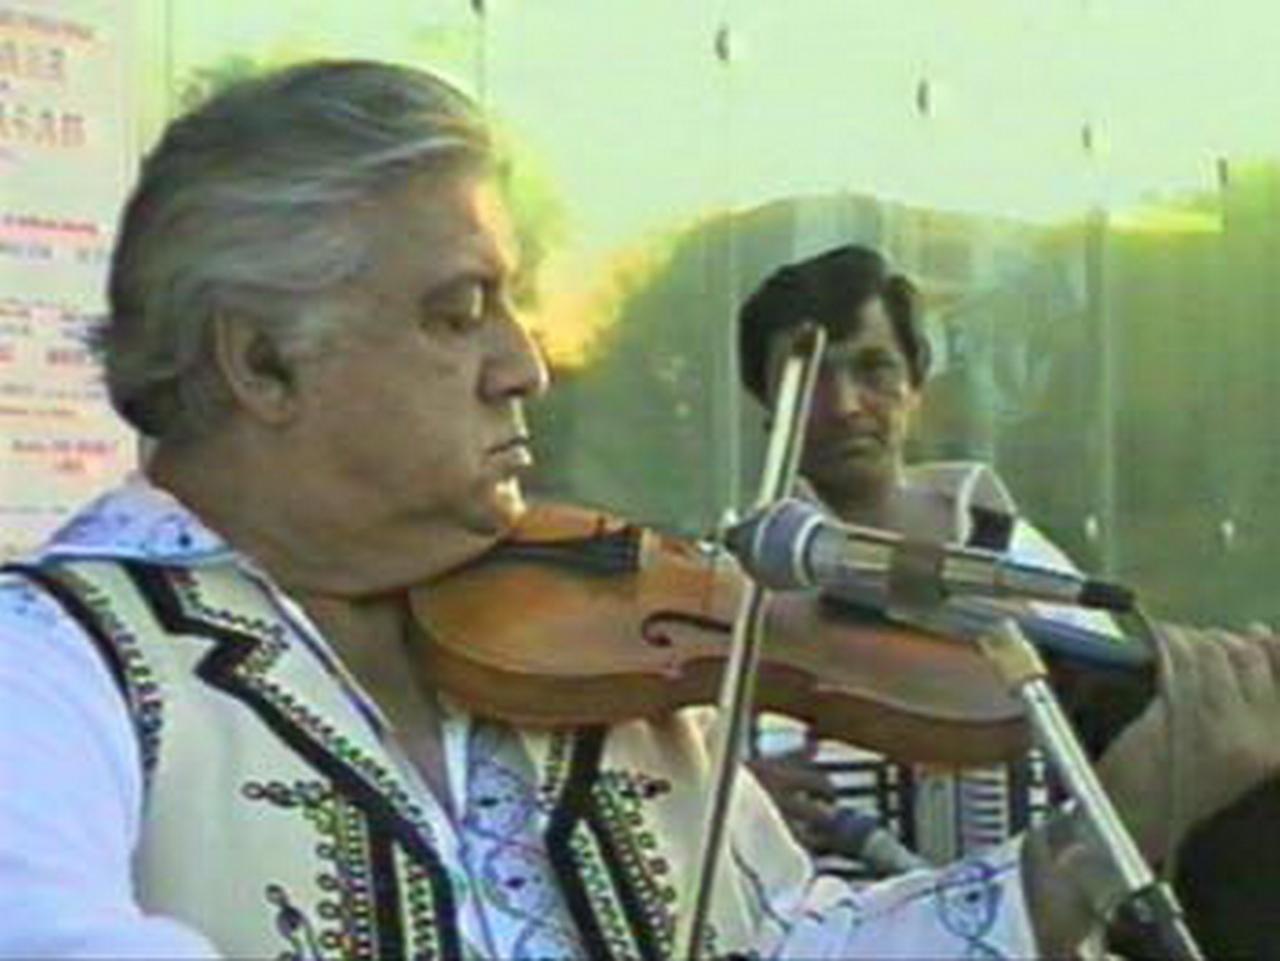 1994 - Ion Albesteanu